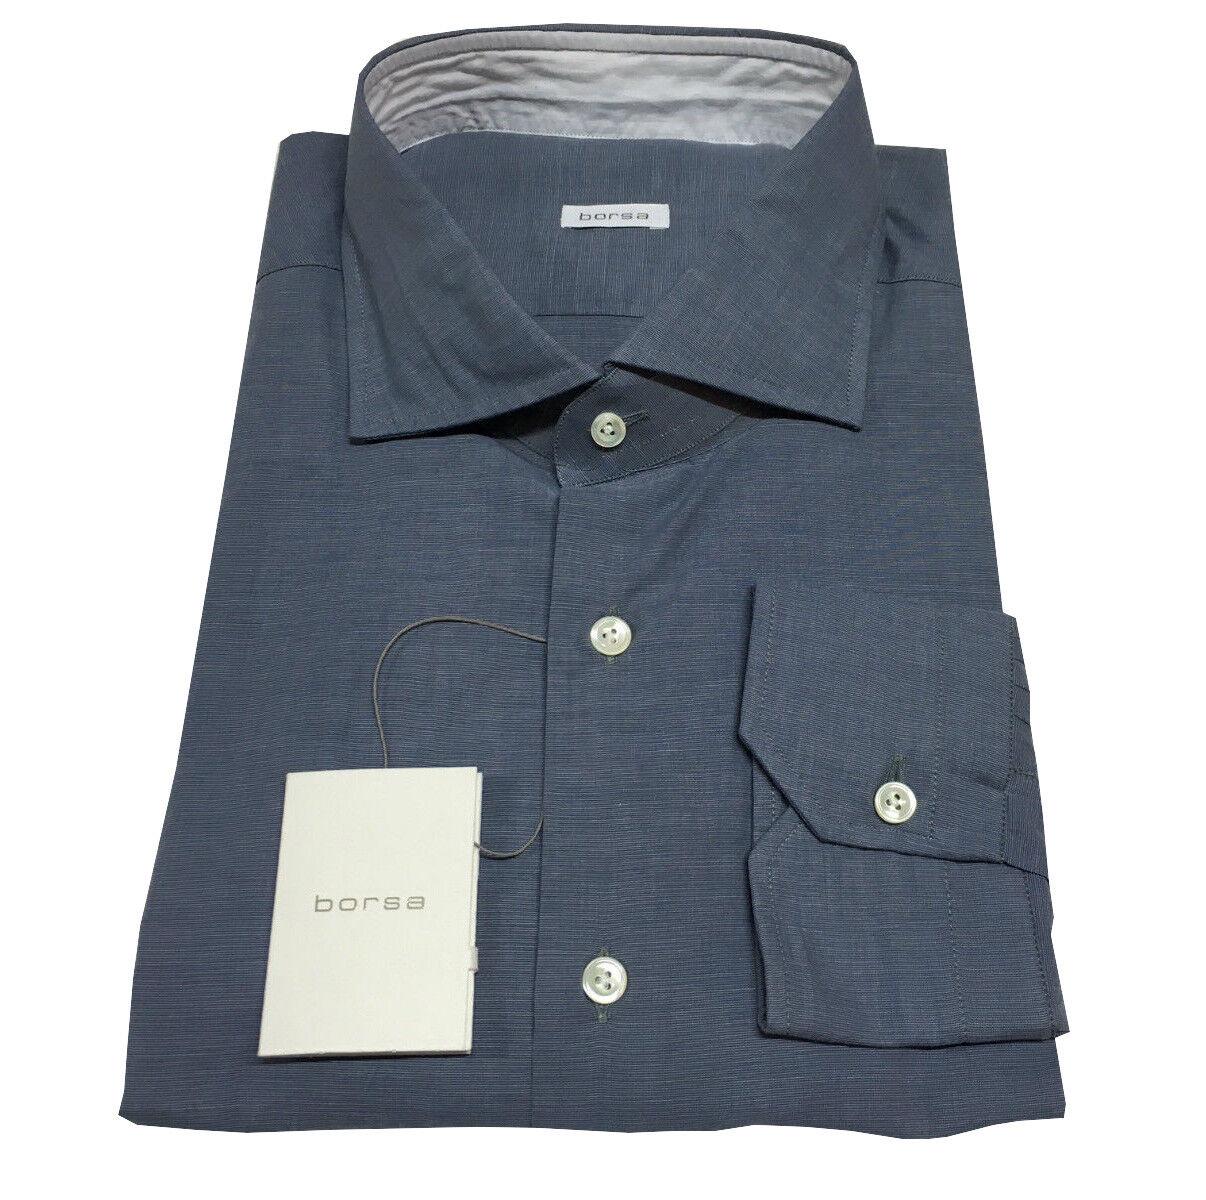 BORSA camicia uomo avio 100% cotone MADE IN ITALY vestibilita' slim